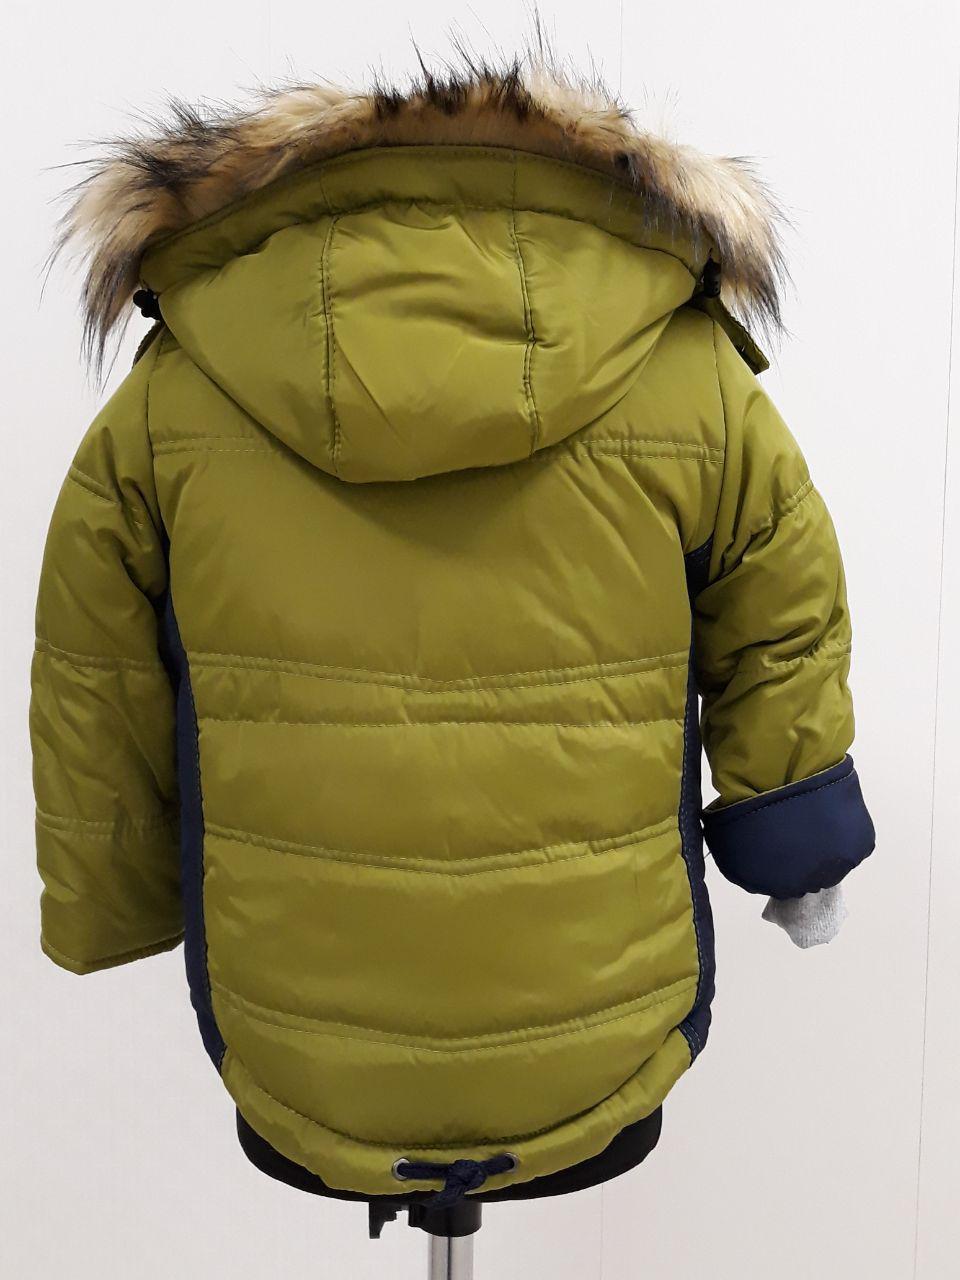 ... Детский зимний комбинезон для мальчика на подстёжке Бренд горох, ... 572a0c8a175